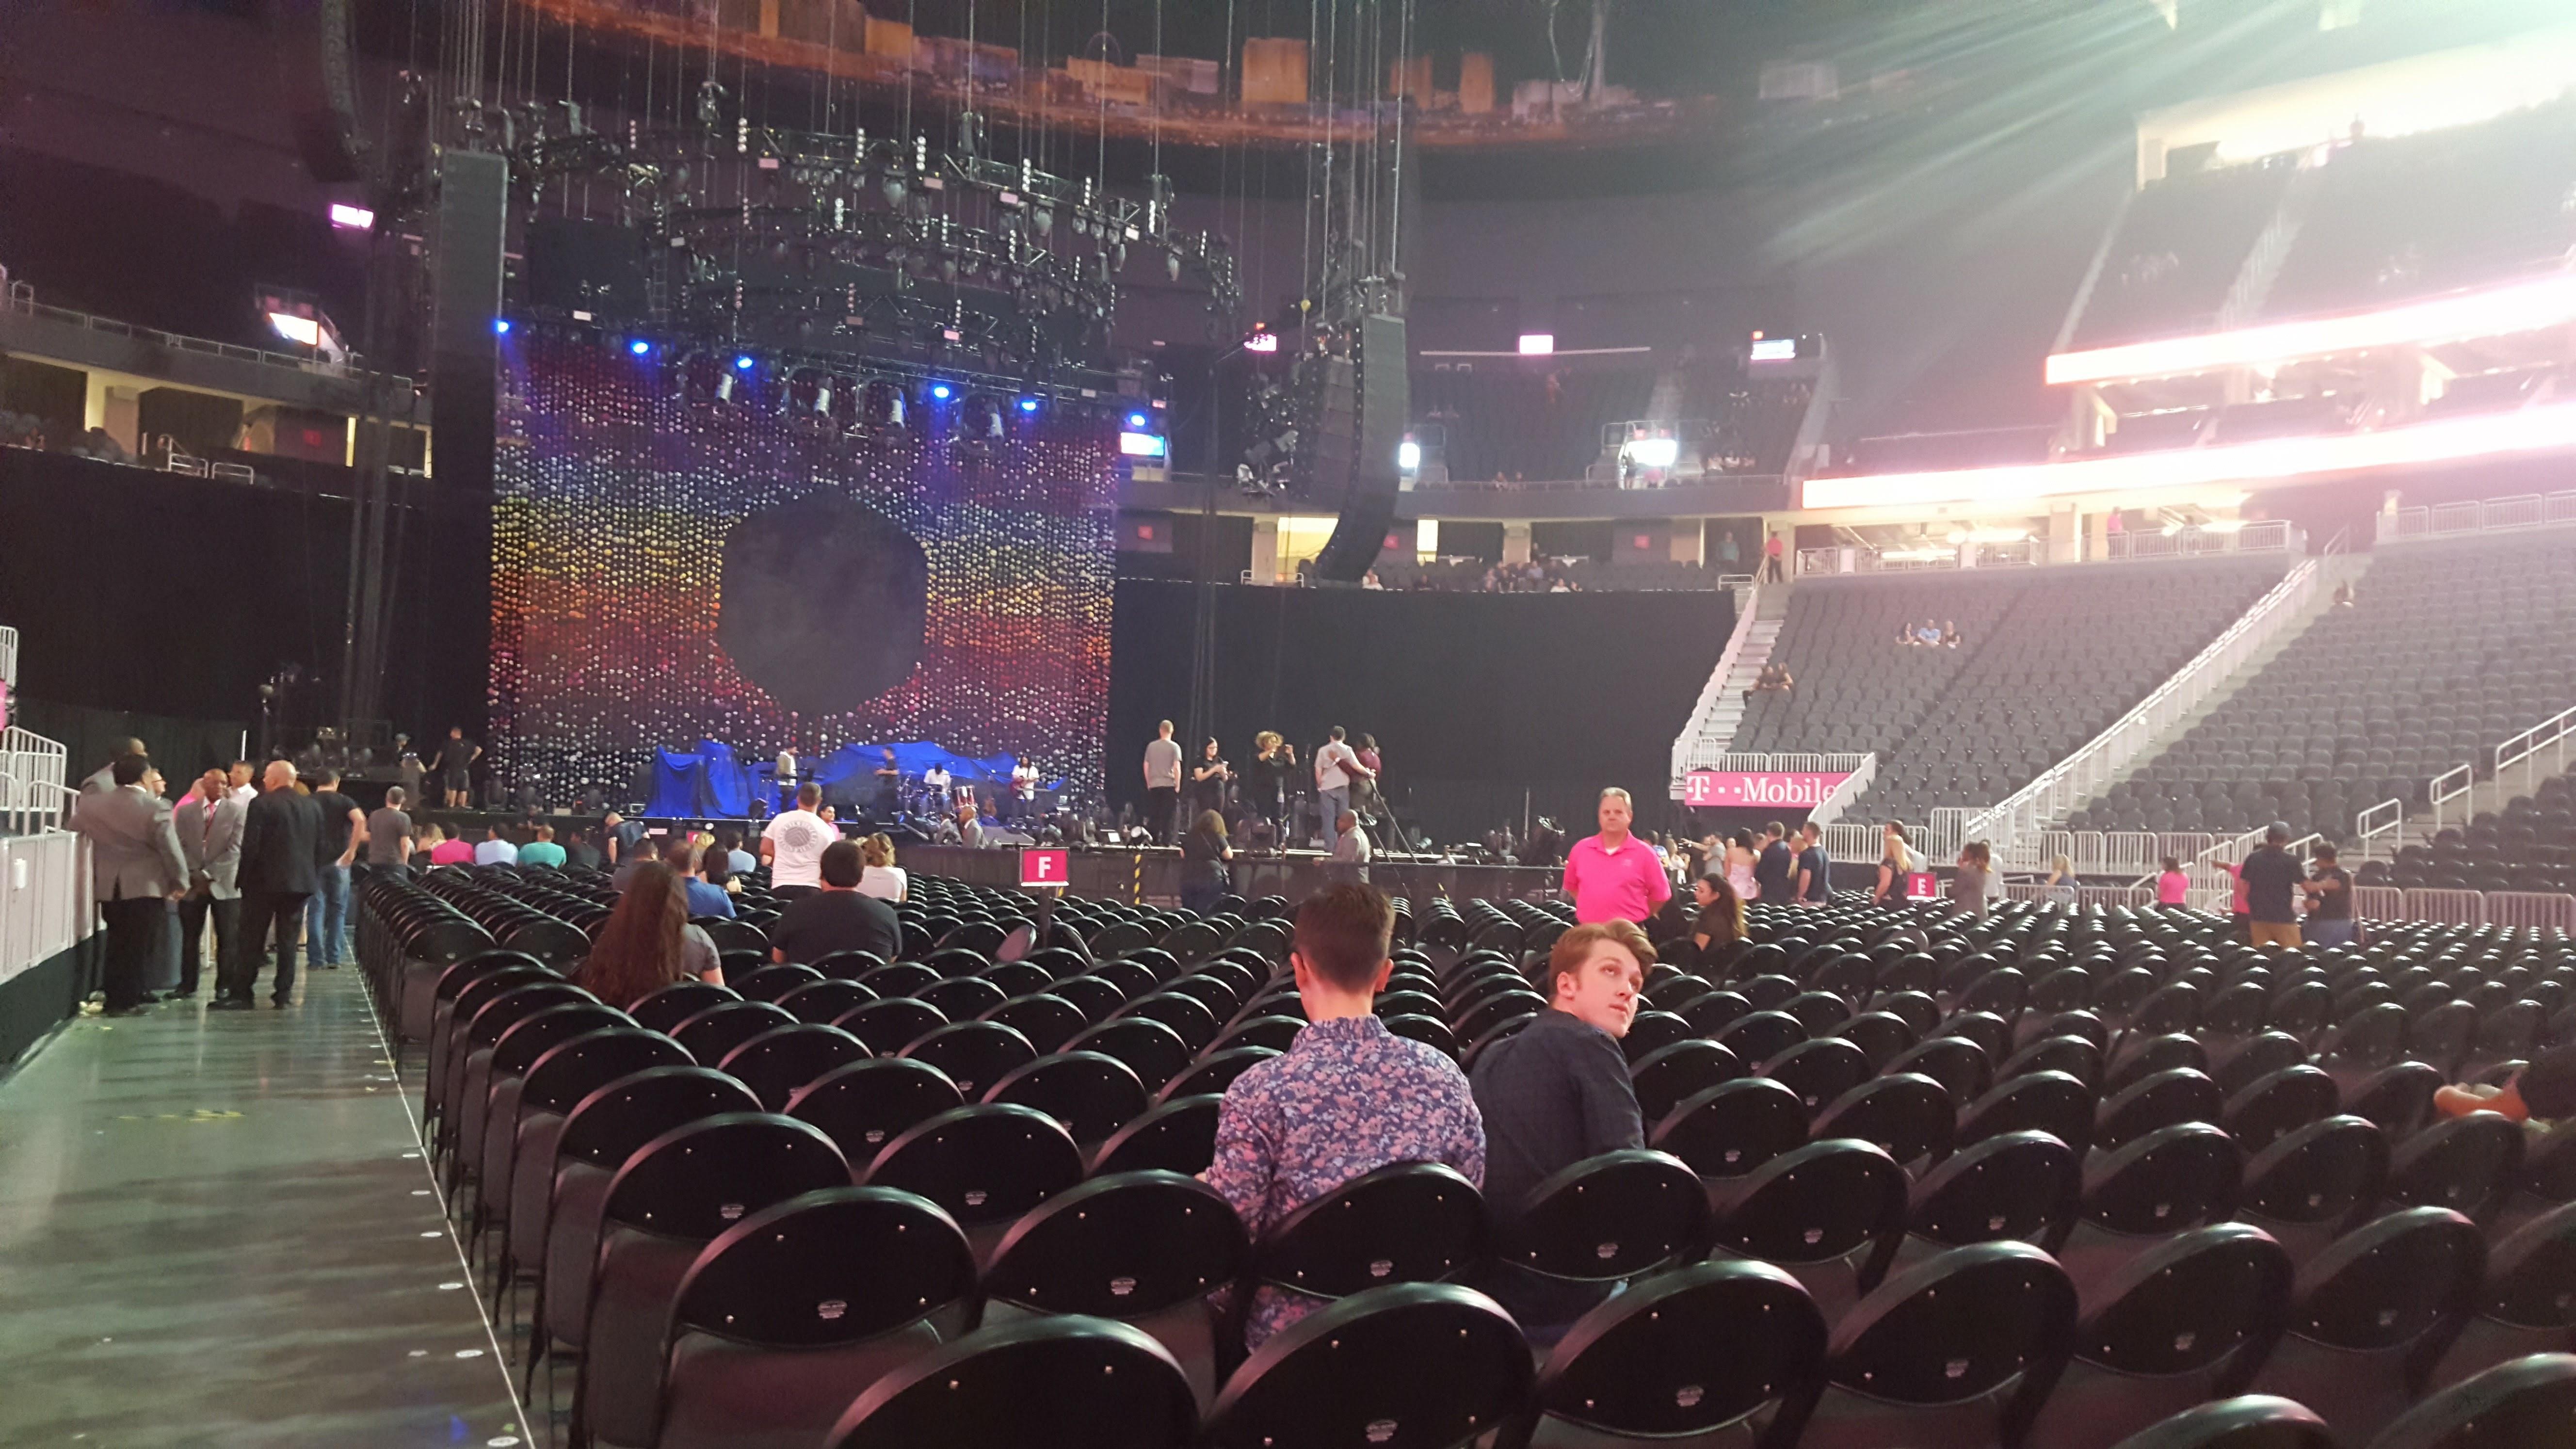 T-Mobile Arena Abschnitt Floor J Reihe M Platz 1 and 2